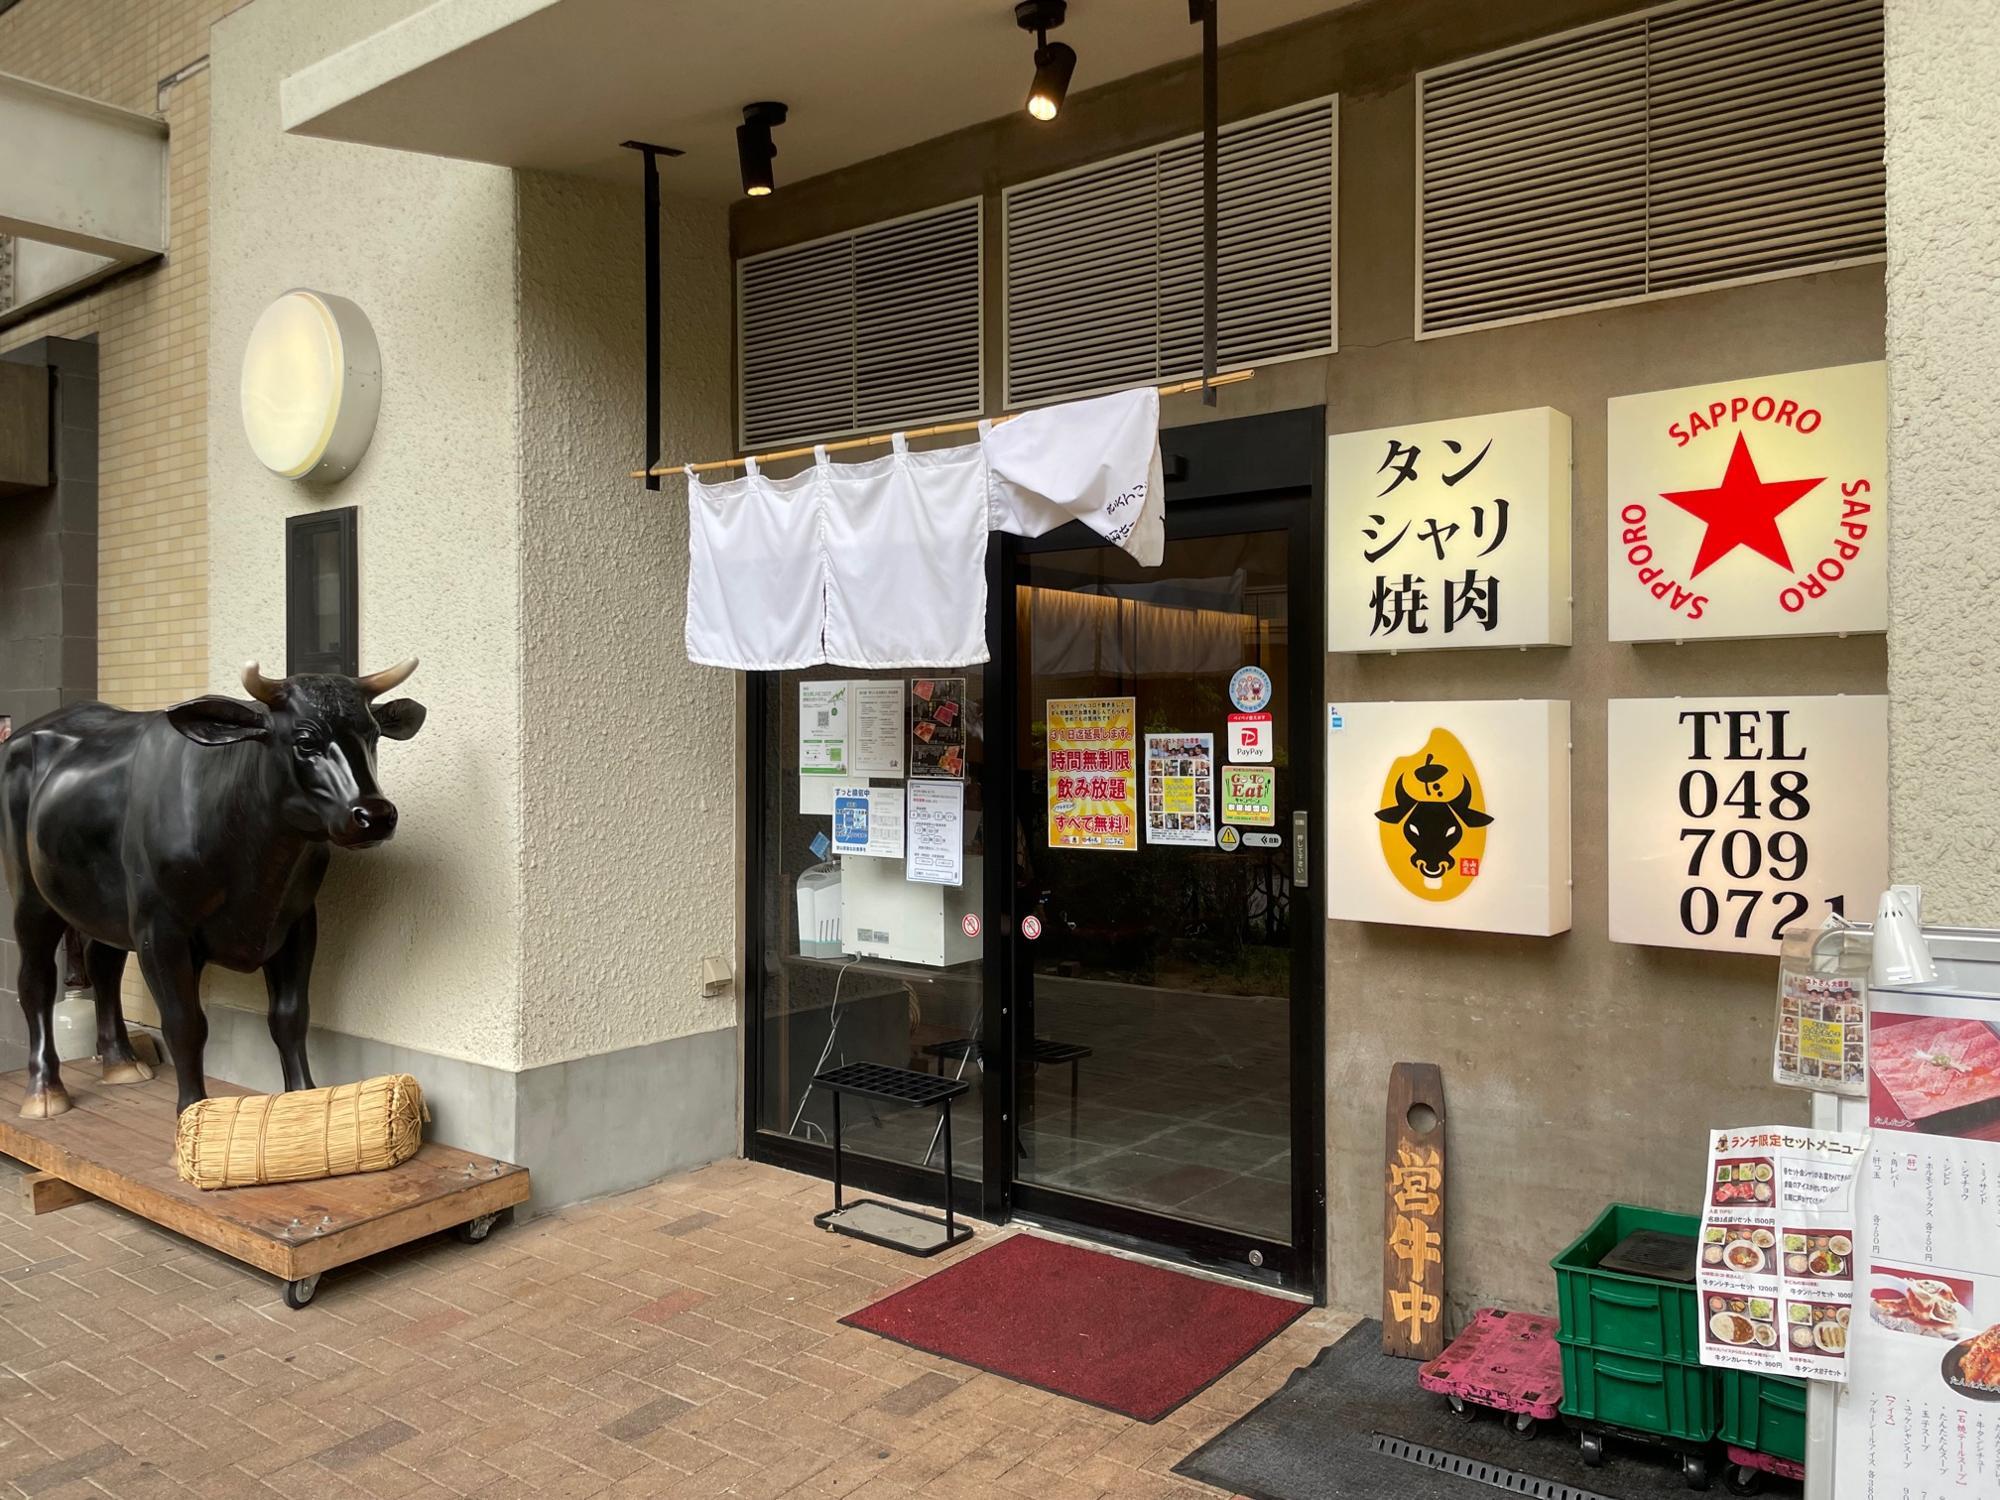 武蔵浦和駅高架線下の武蔵浦和 味の散歩道にお店を構える